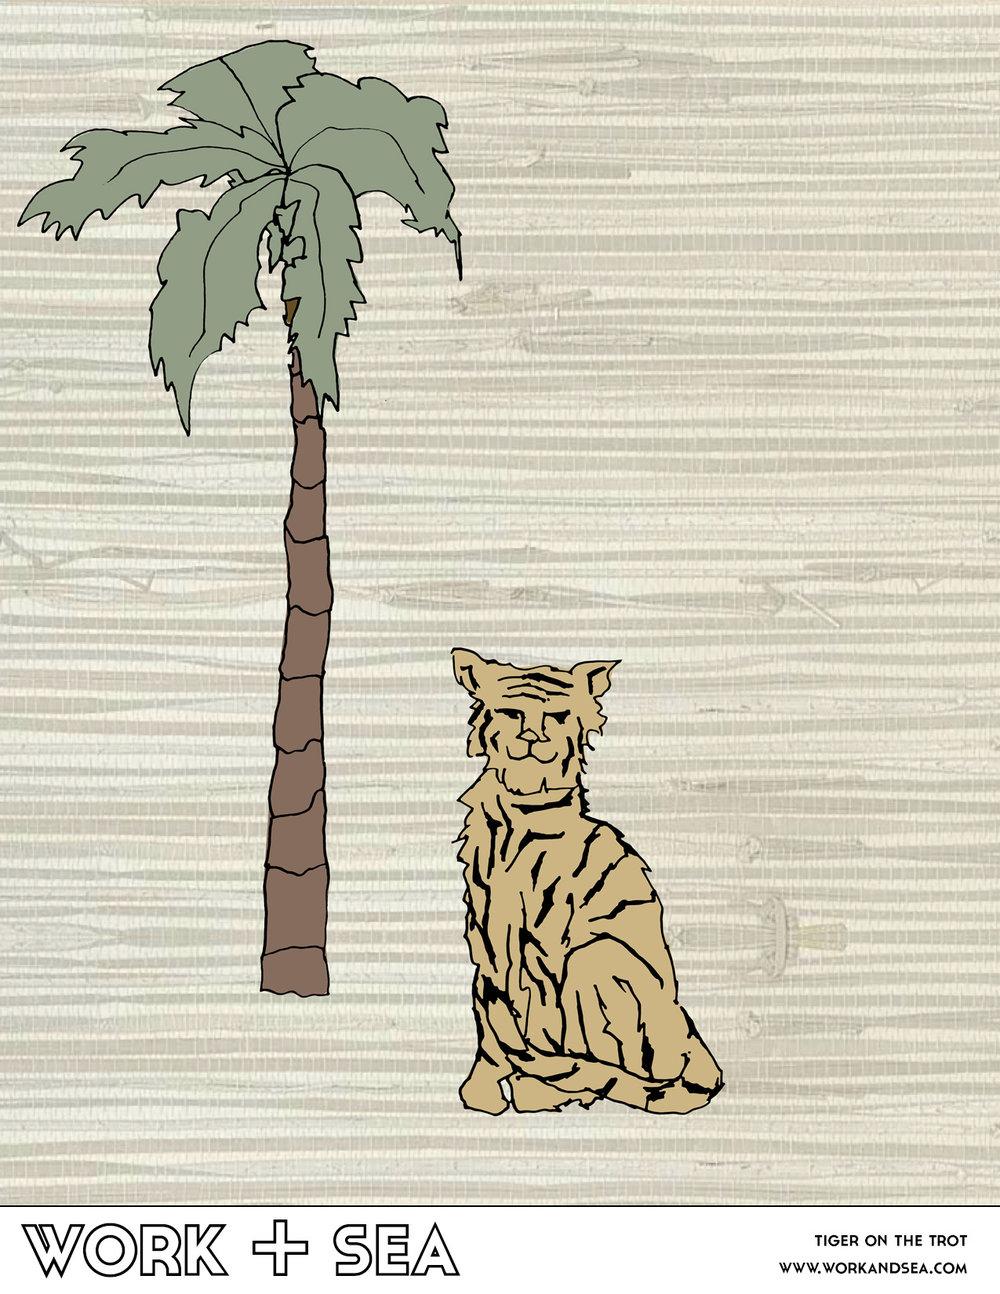 Tiger Trot 1 Memo.jpg